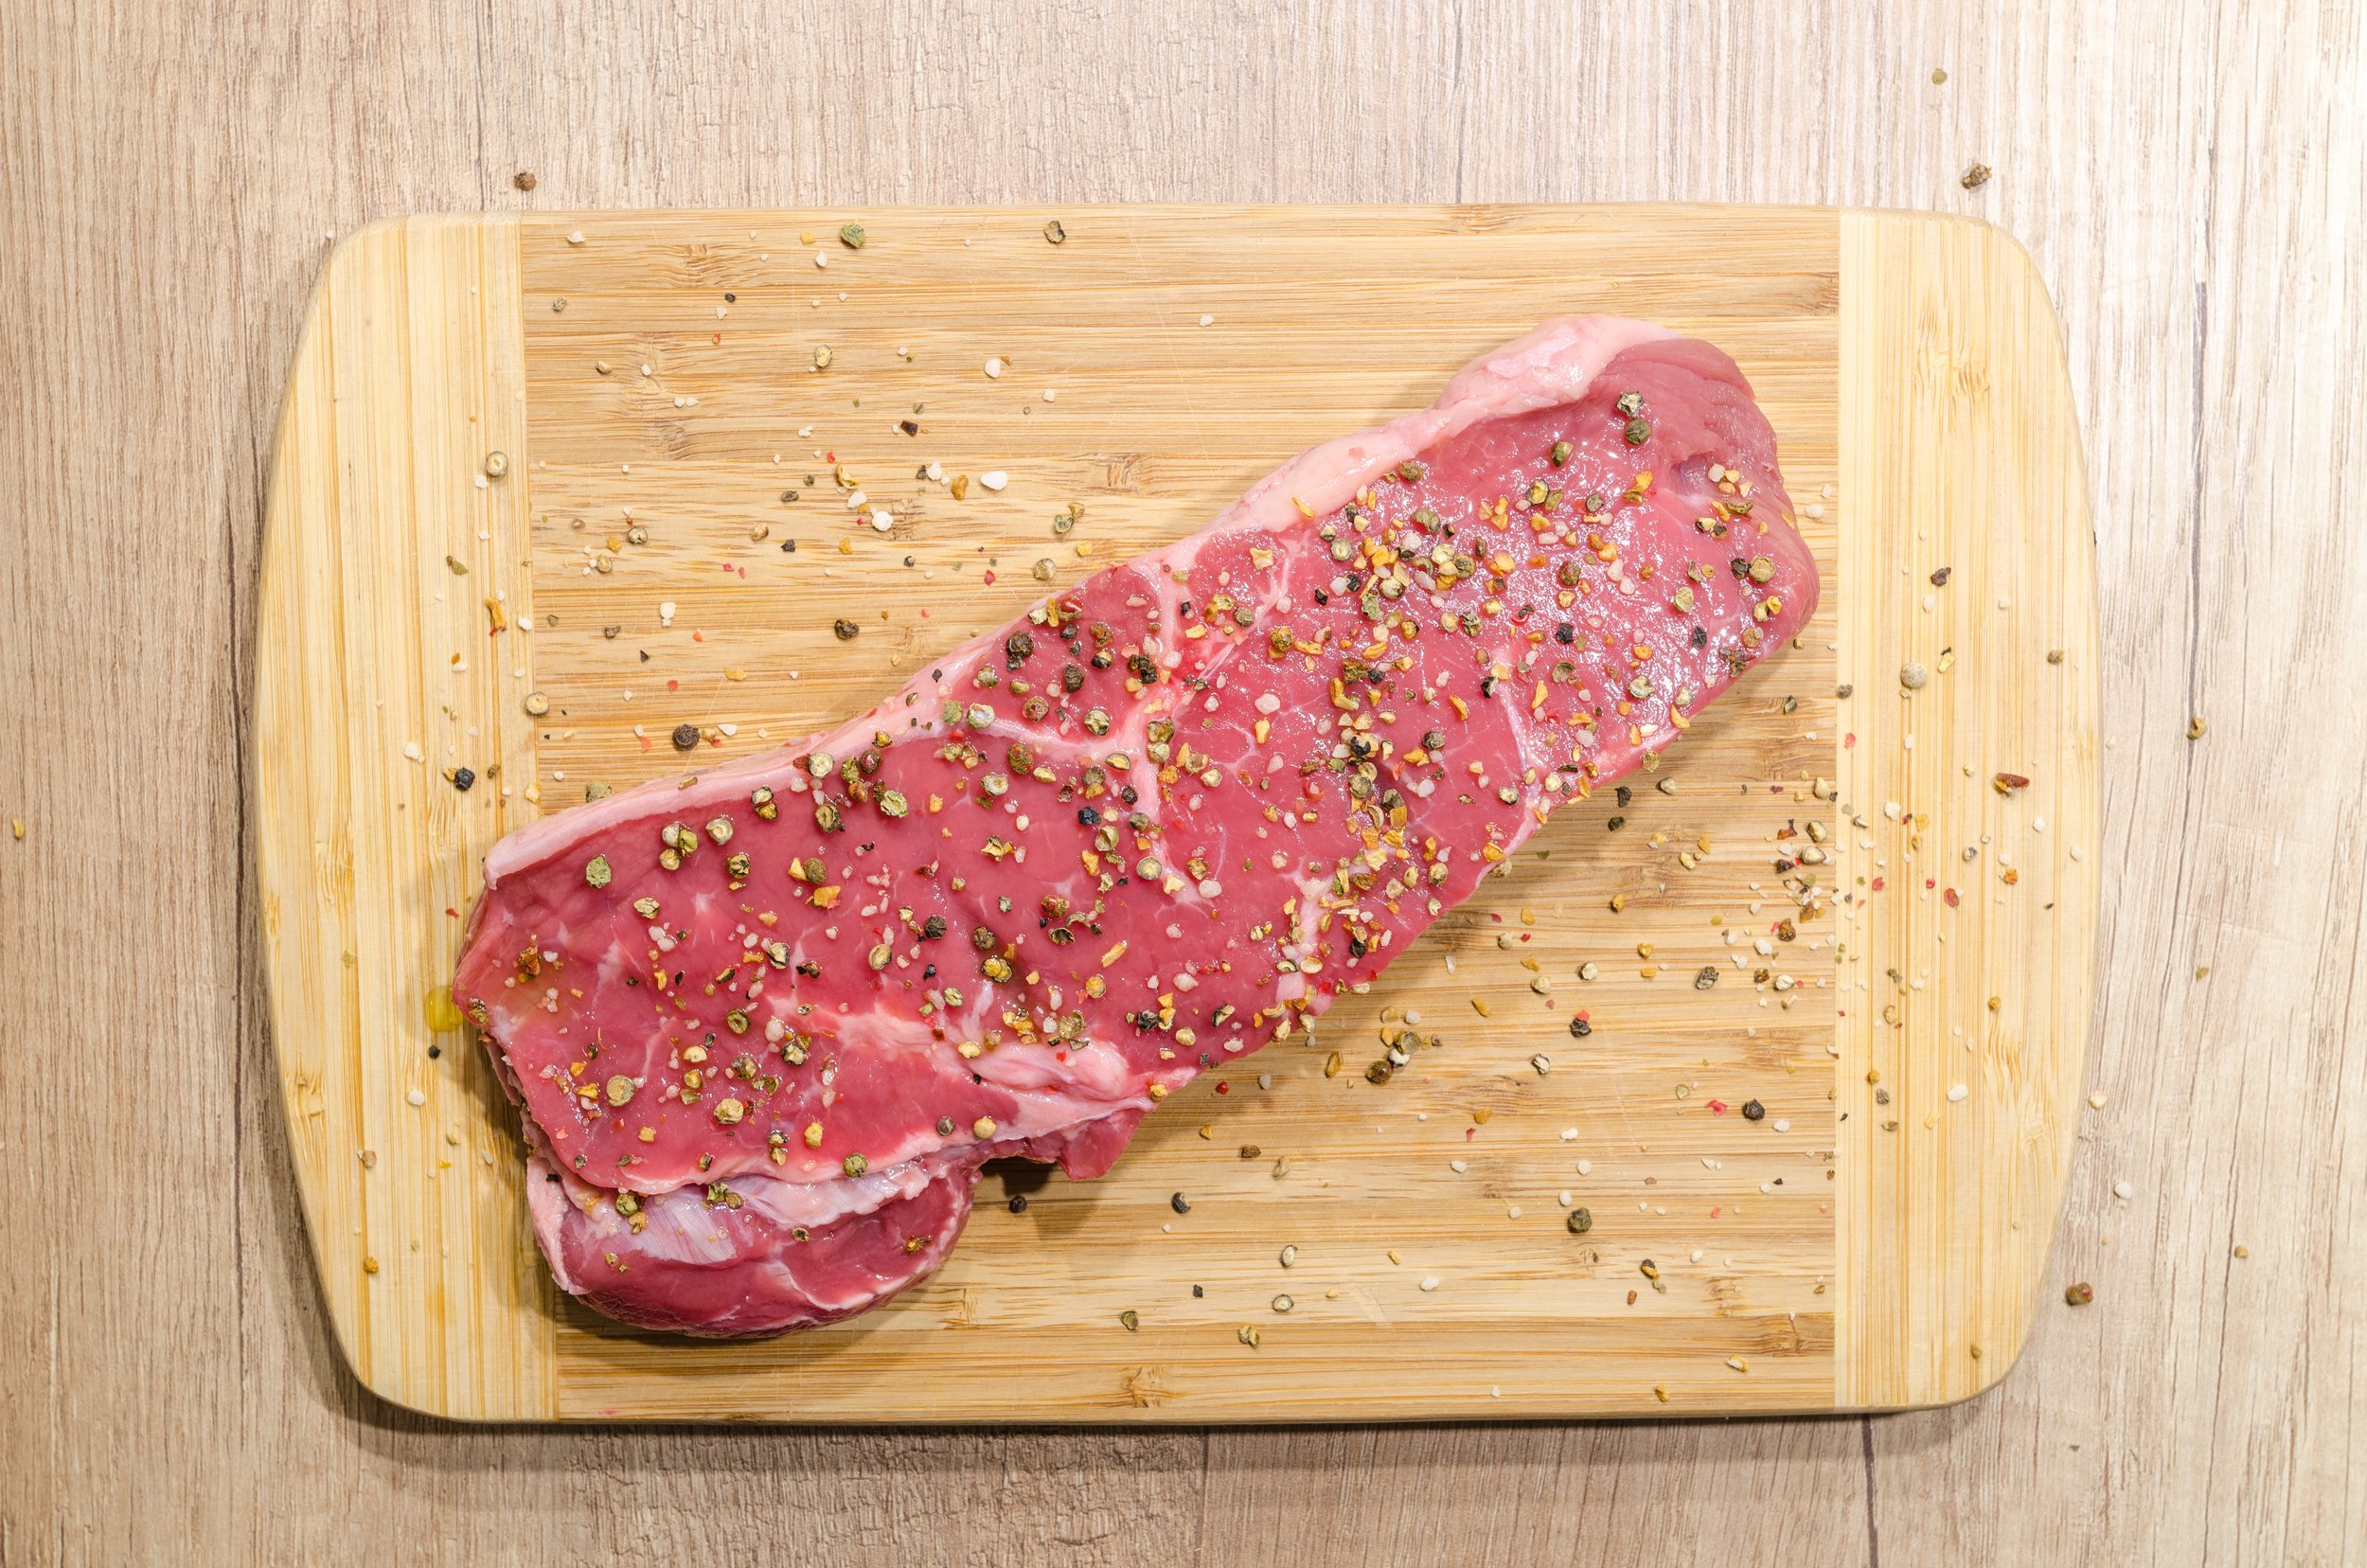 beef-chopping-board-fillet-618775.jpg